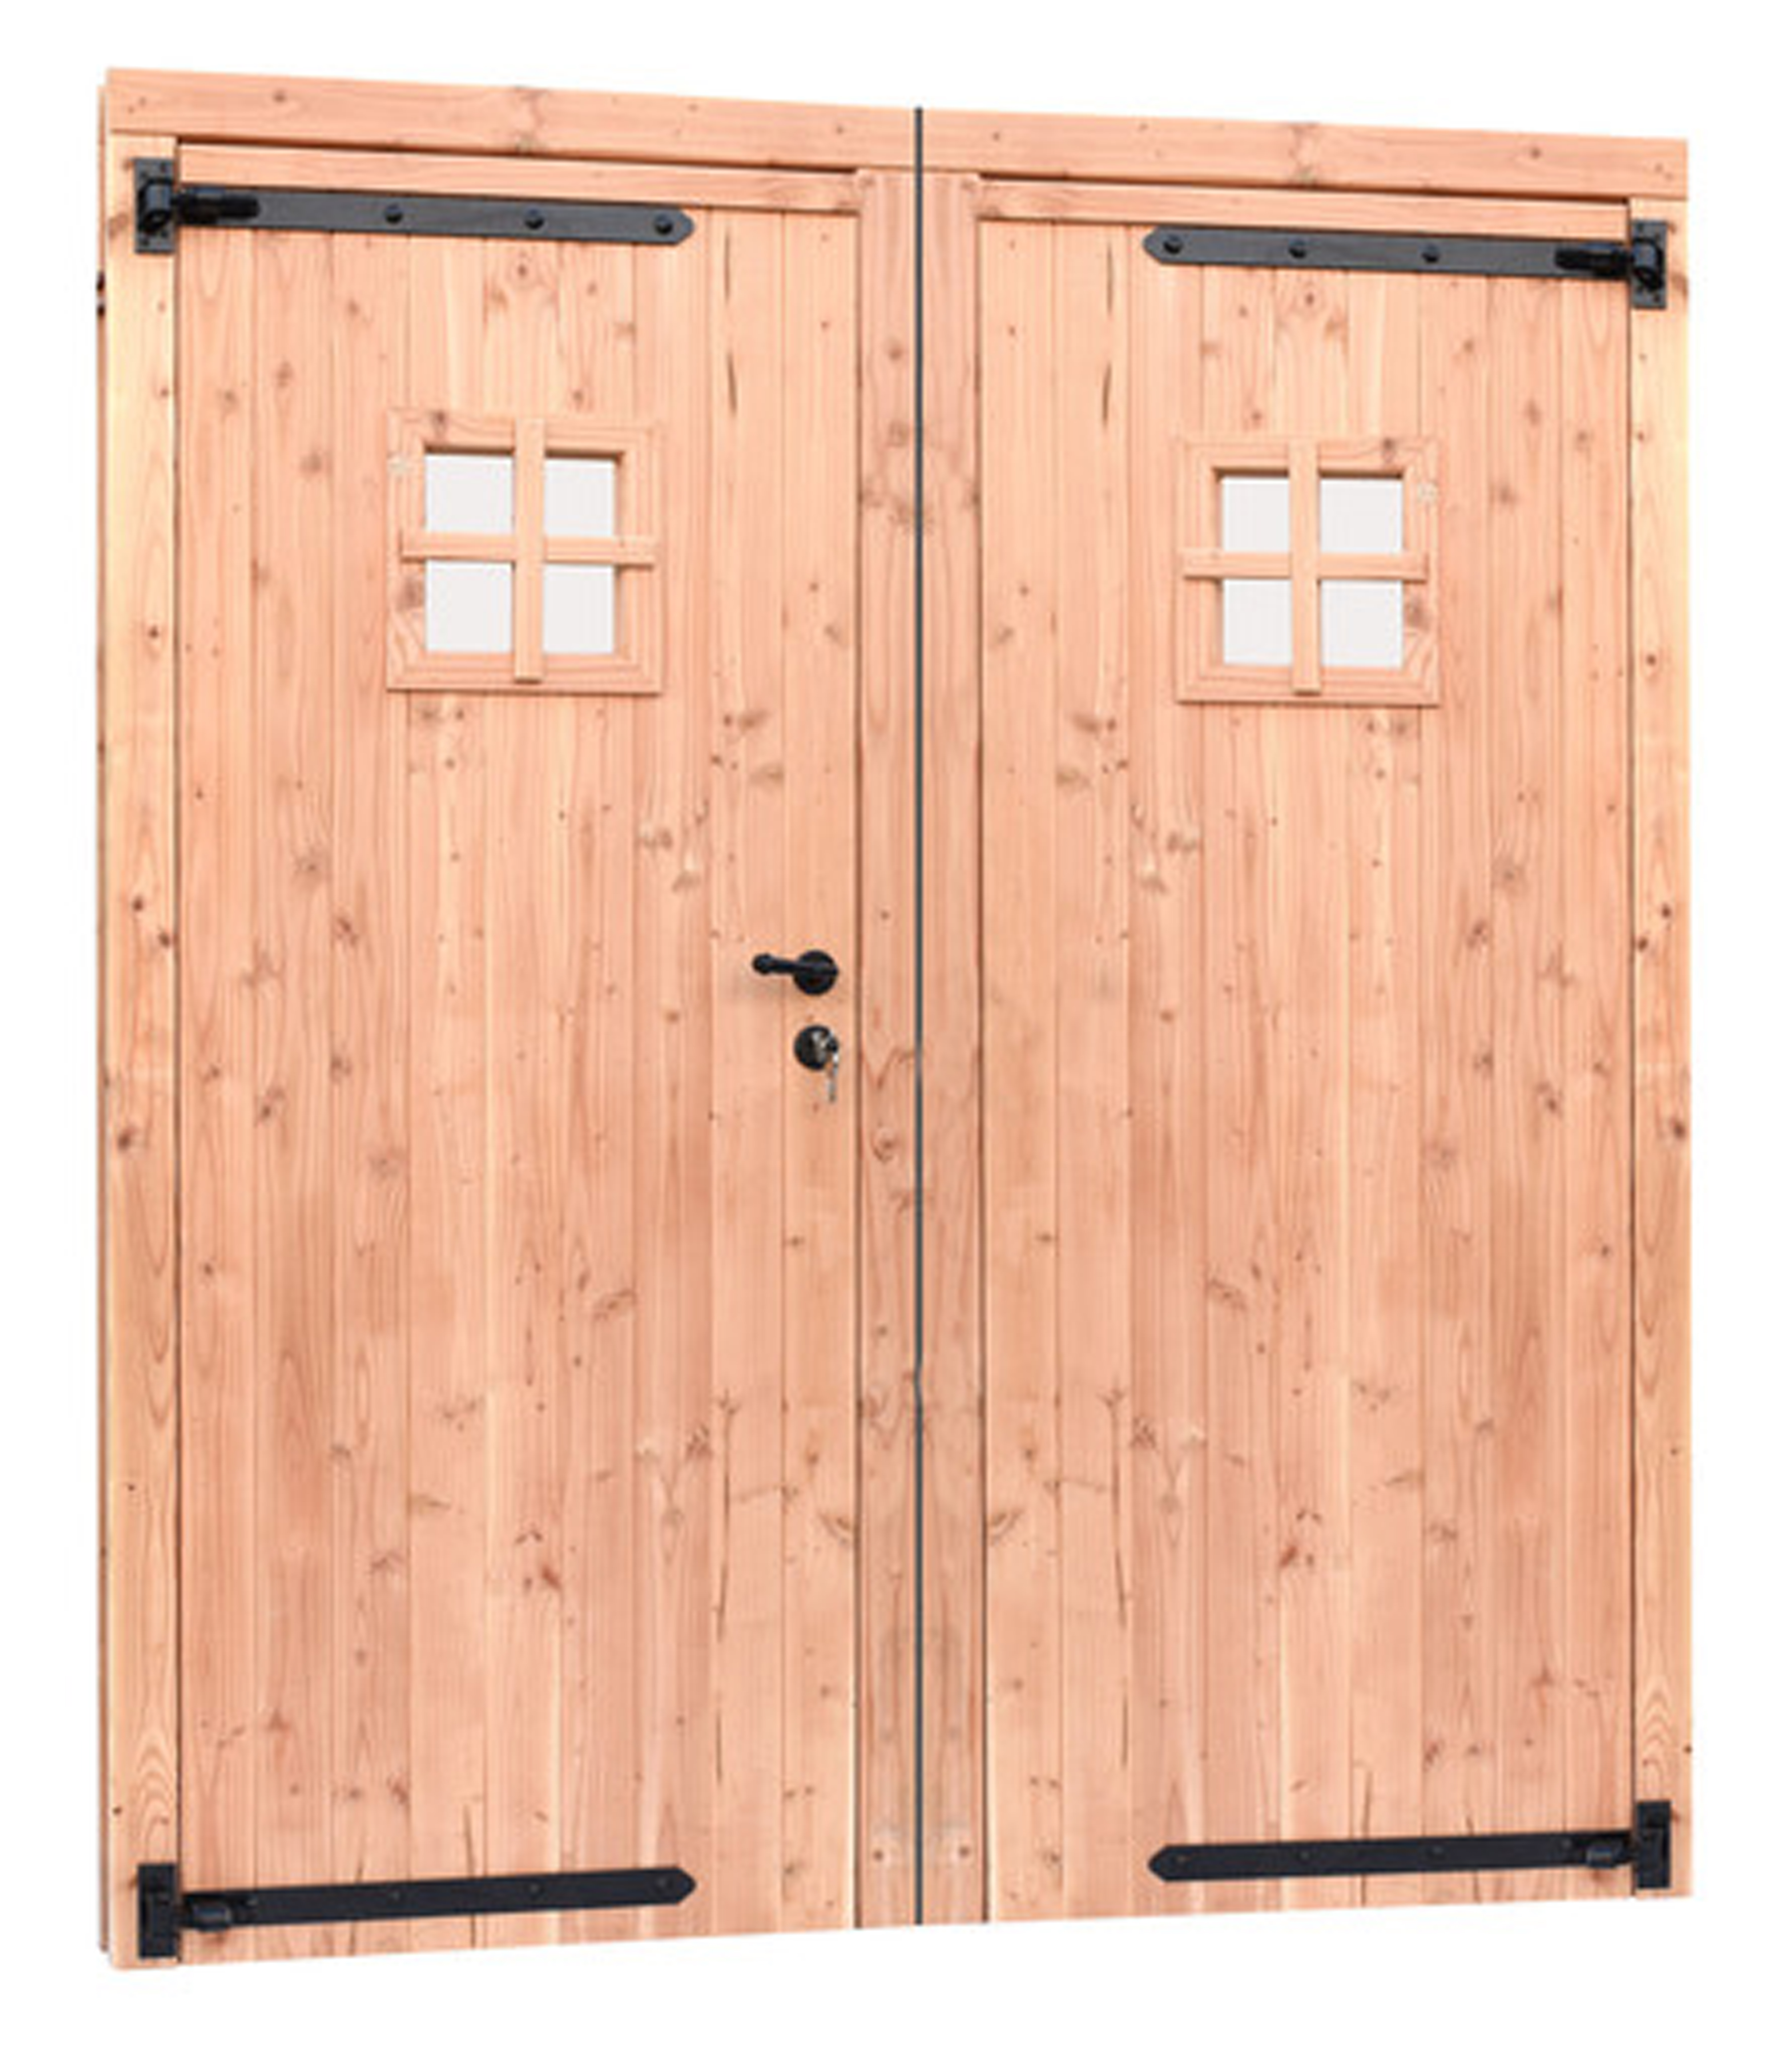 <BIG><B>Douglas dubbele  1-ruits deur inclusief kozijn. 169 x 201,5 cm, onbehandeld.</B></BIG>